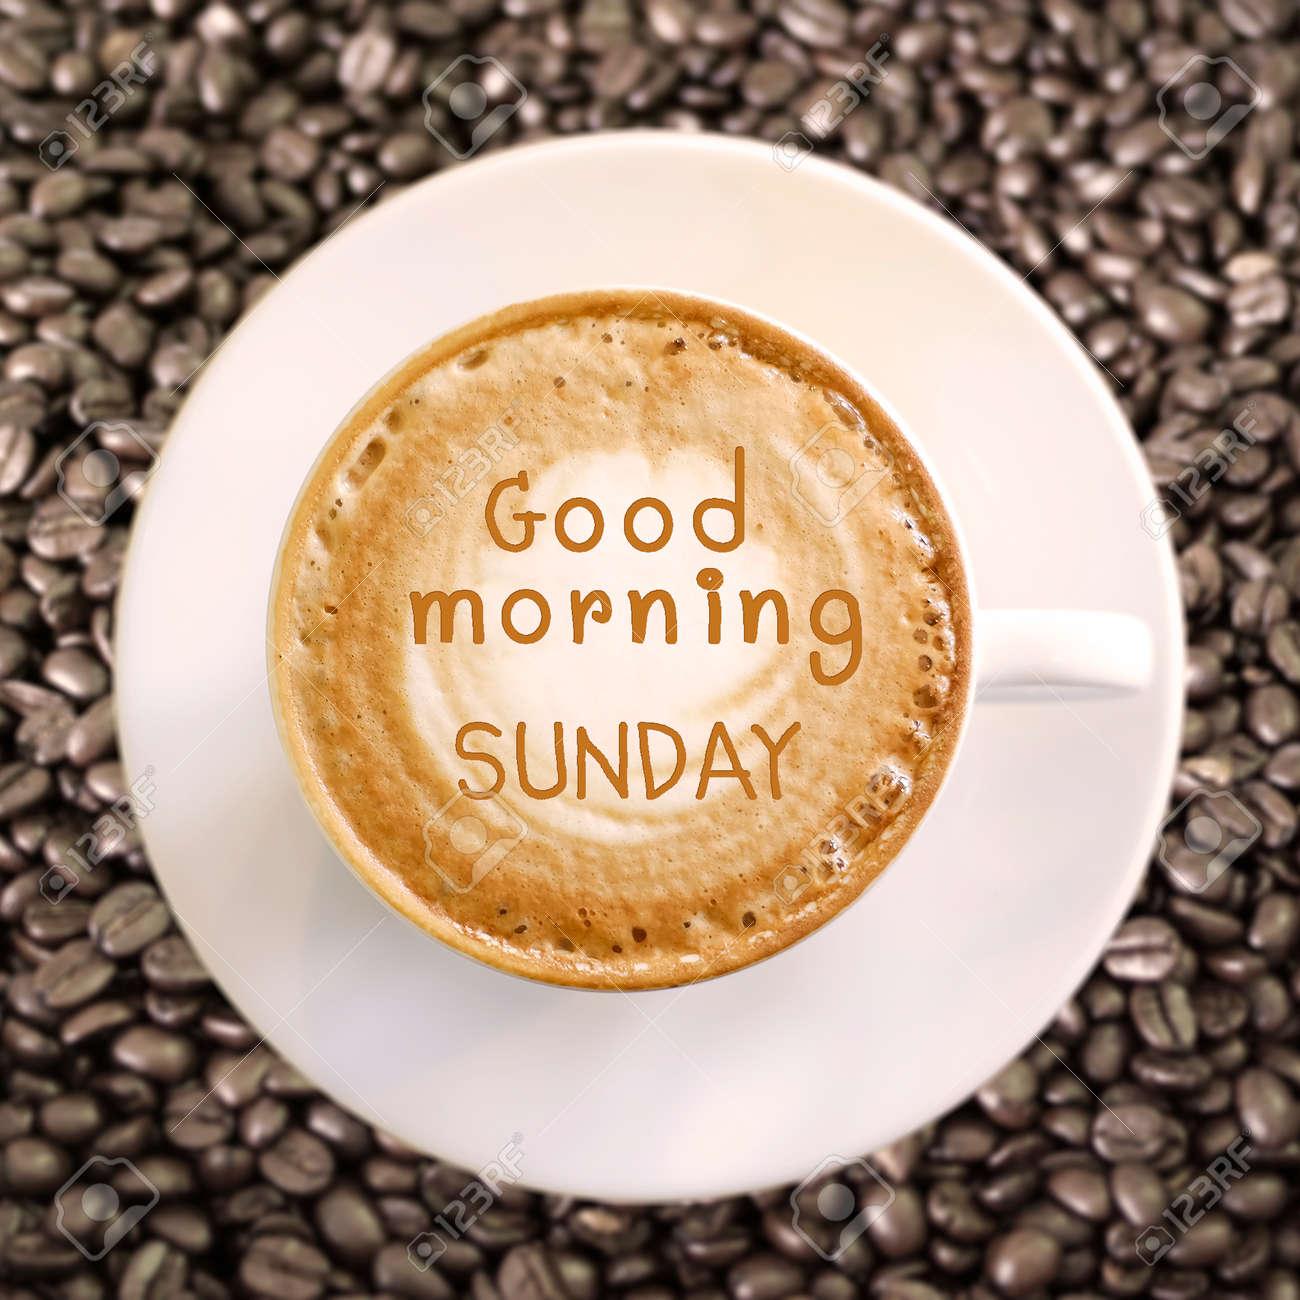 Guten Morgen Sonntag Auf Heißen Kaffee Hintergrund Lizenzfreie Fotos